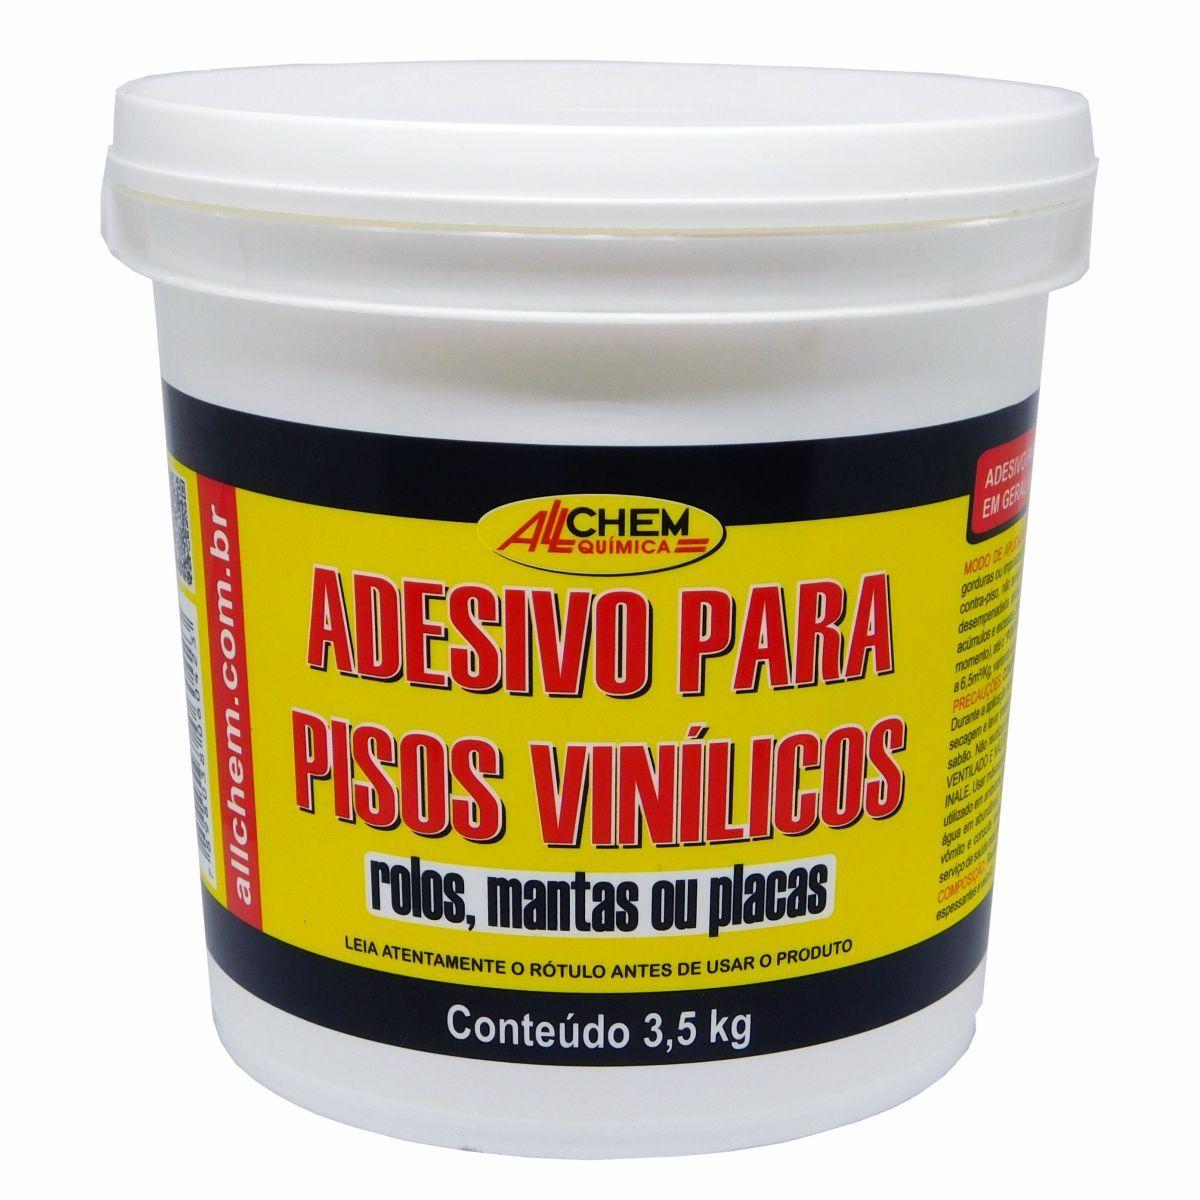 adesivo-para-pisos-vinilicos-2x3-5-kg